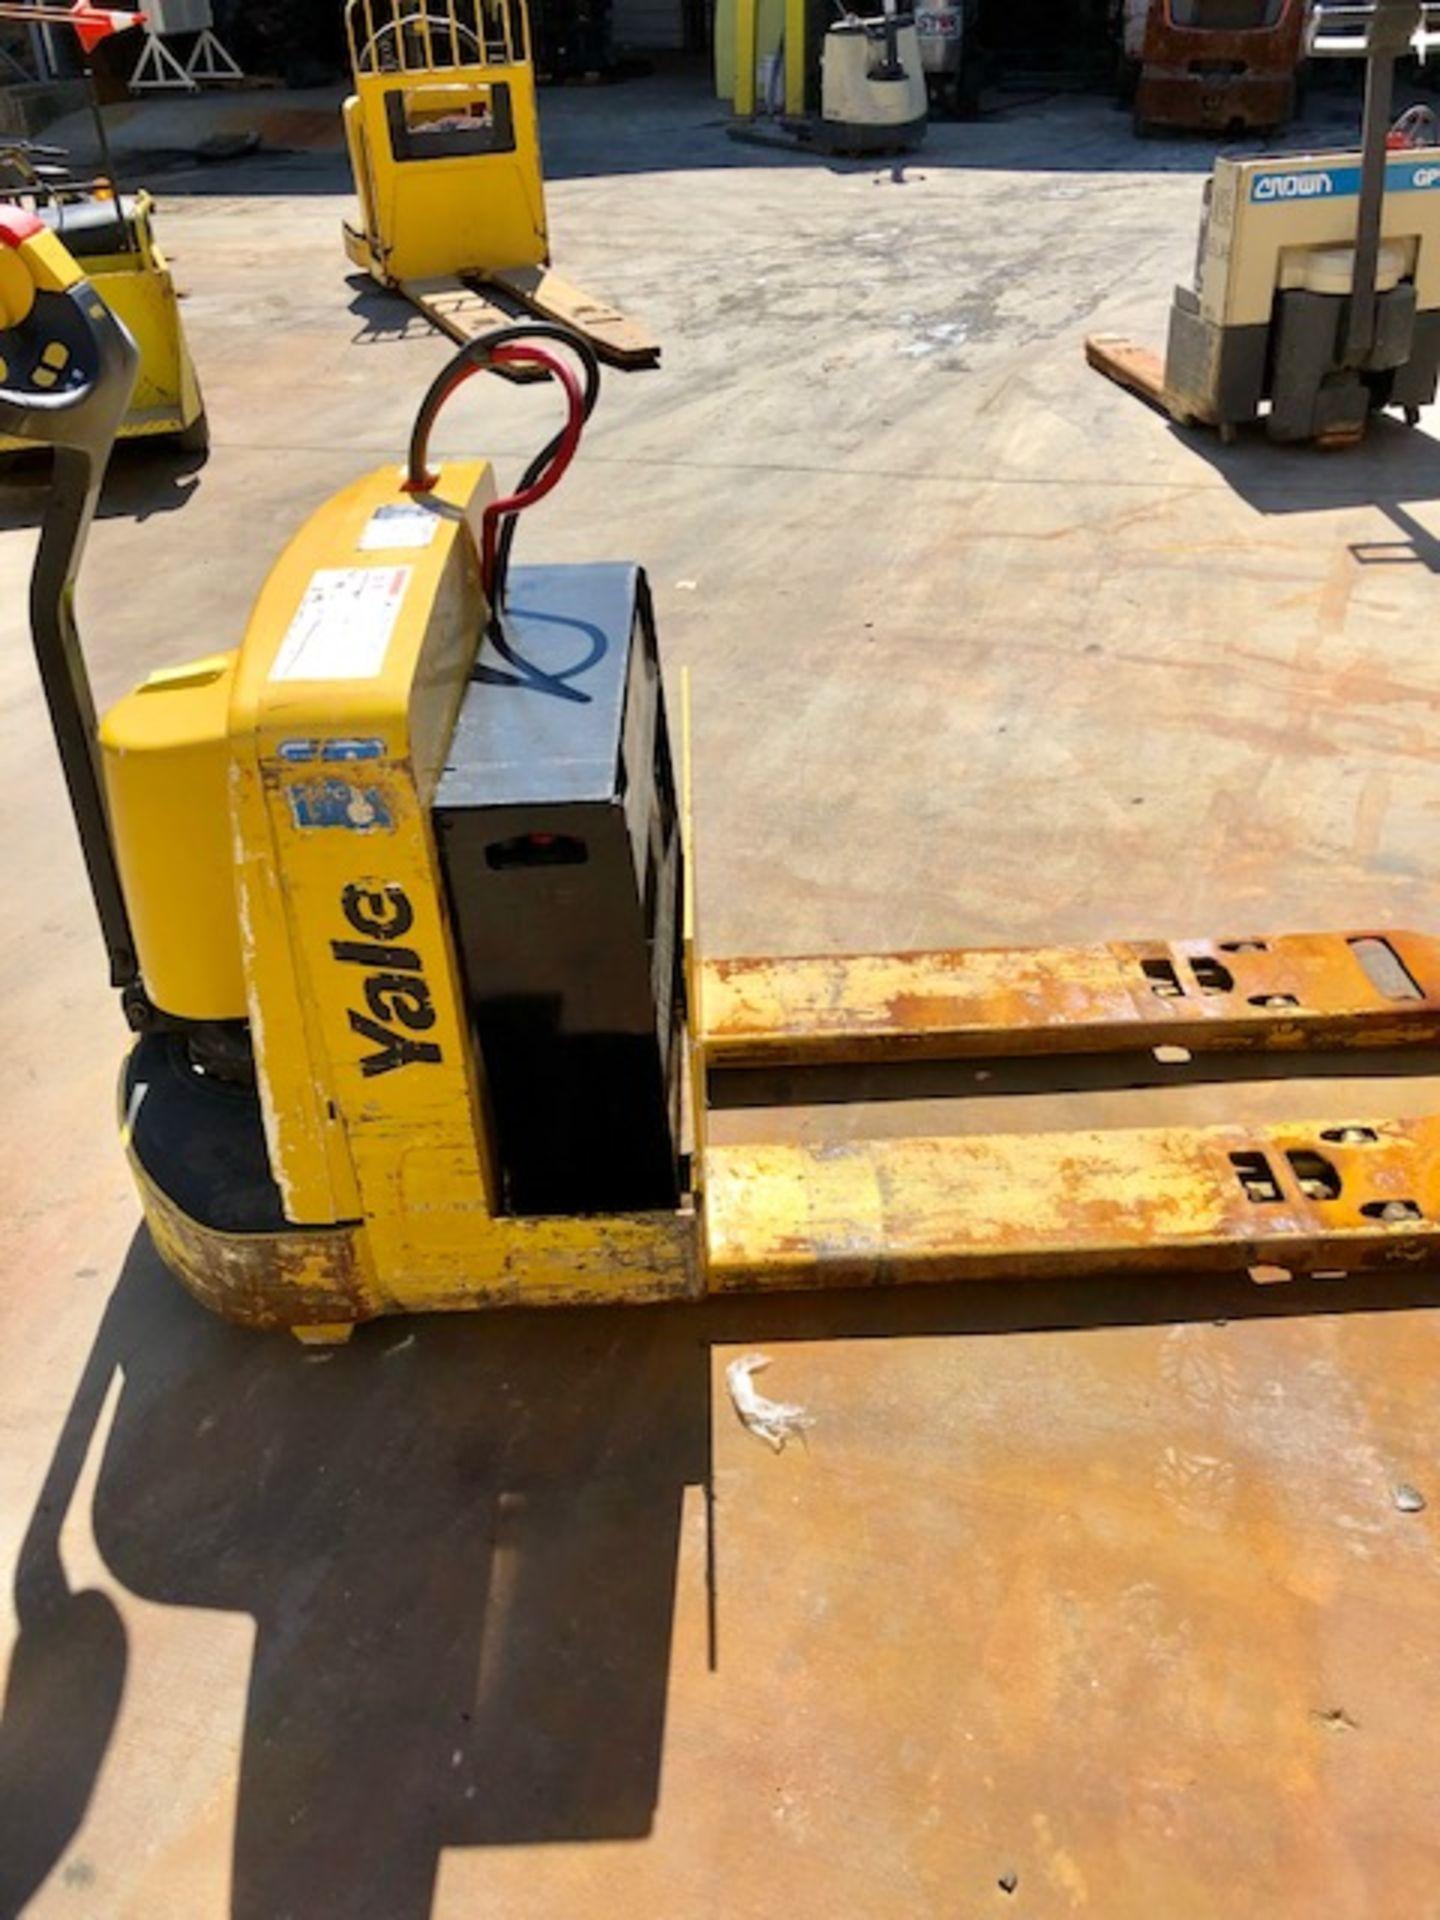 Lot 60 - Yale electric pallet jack/ forklift